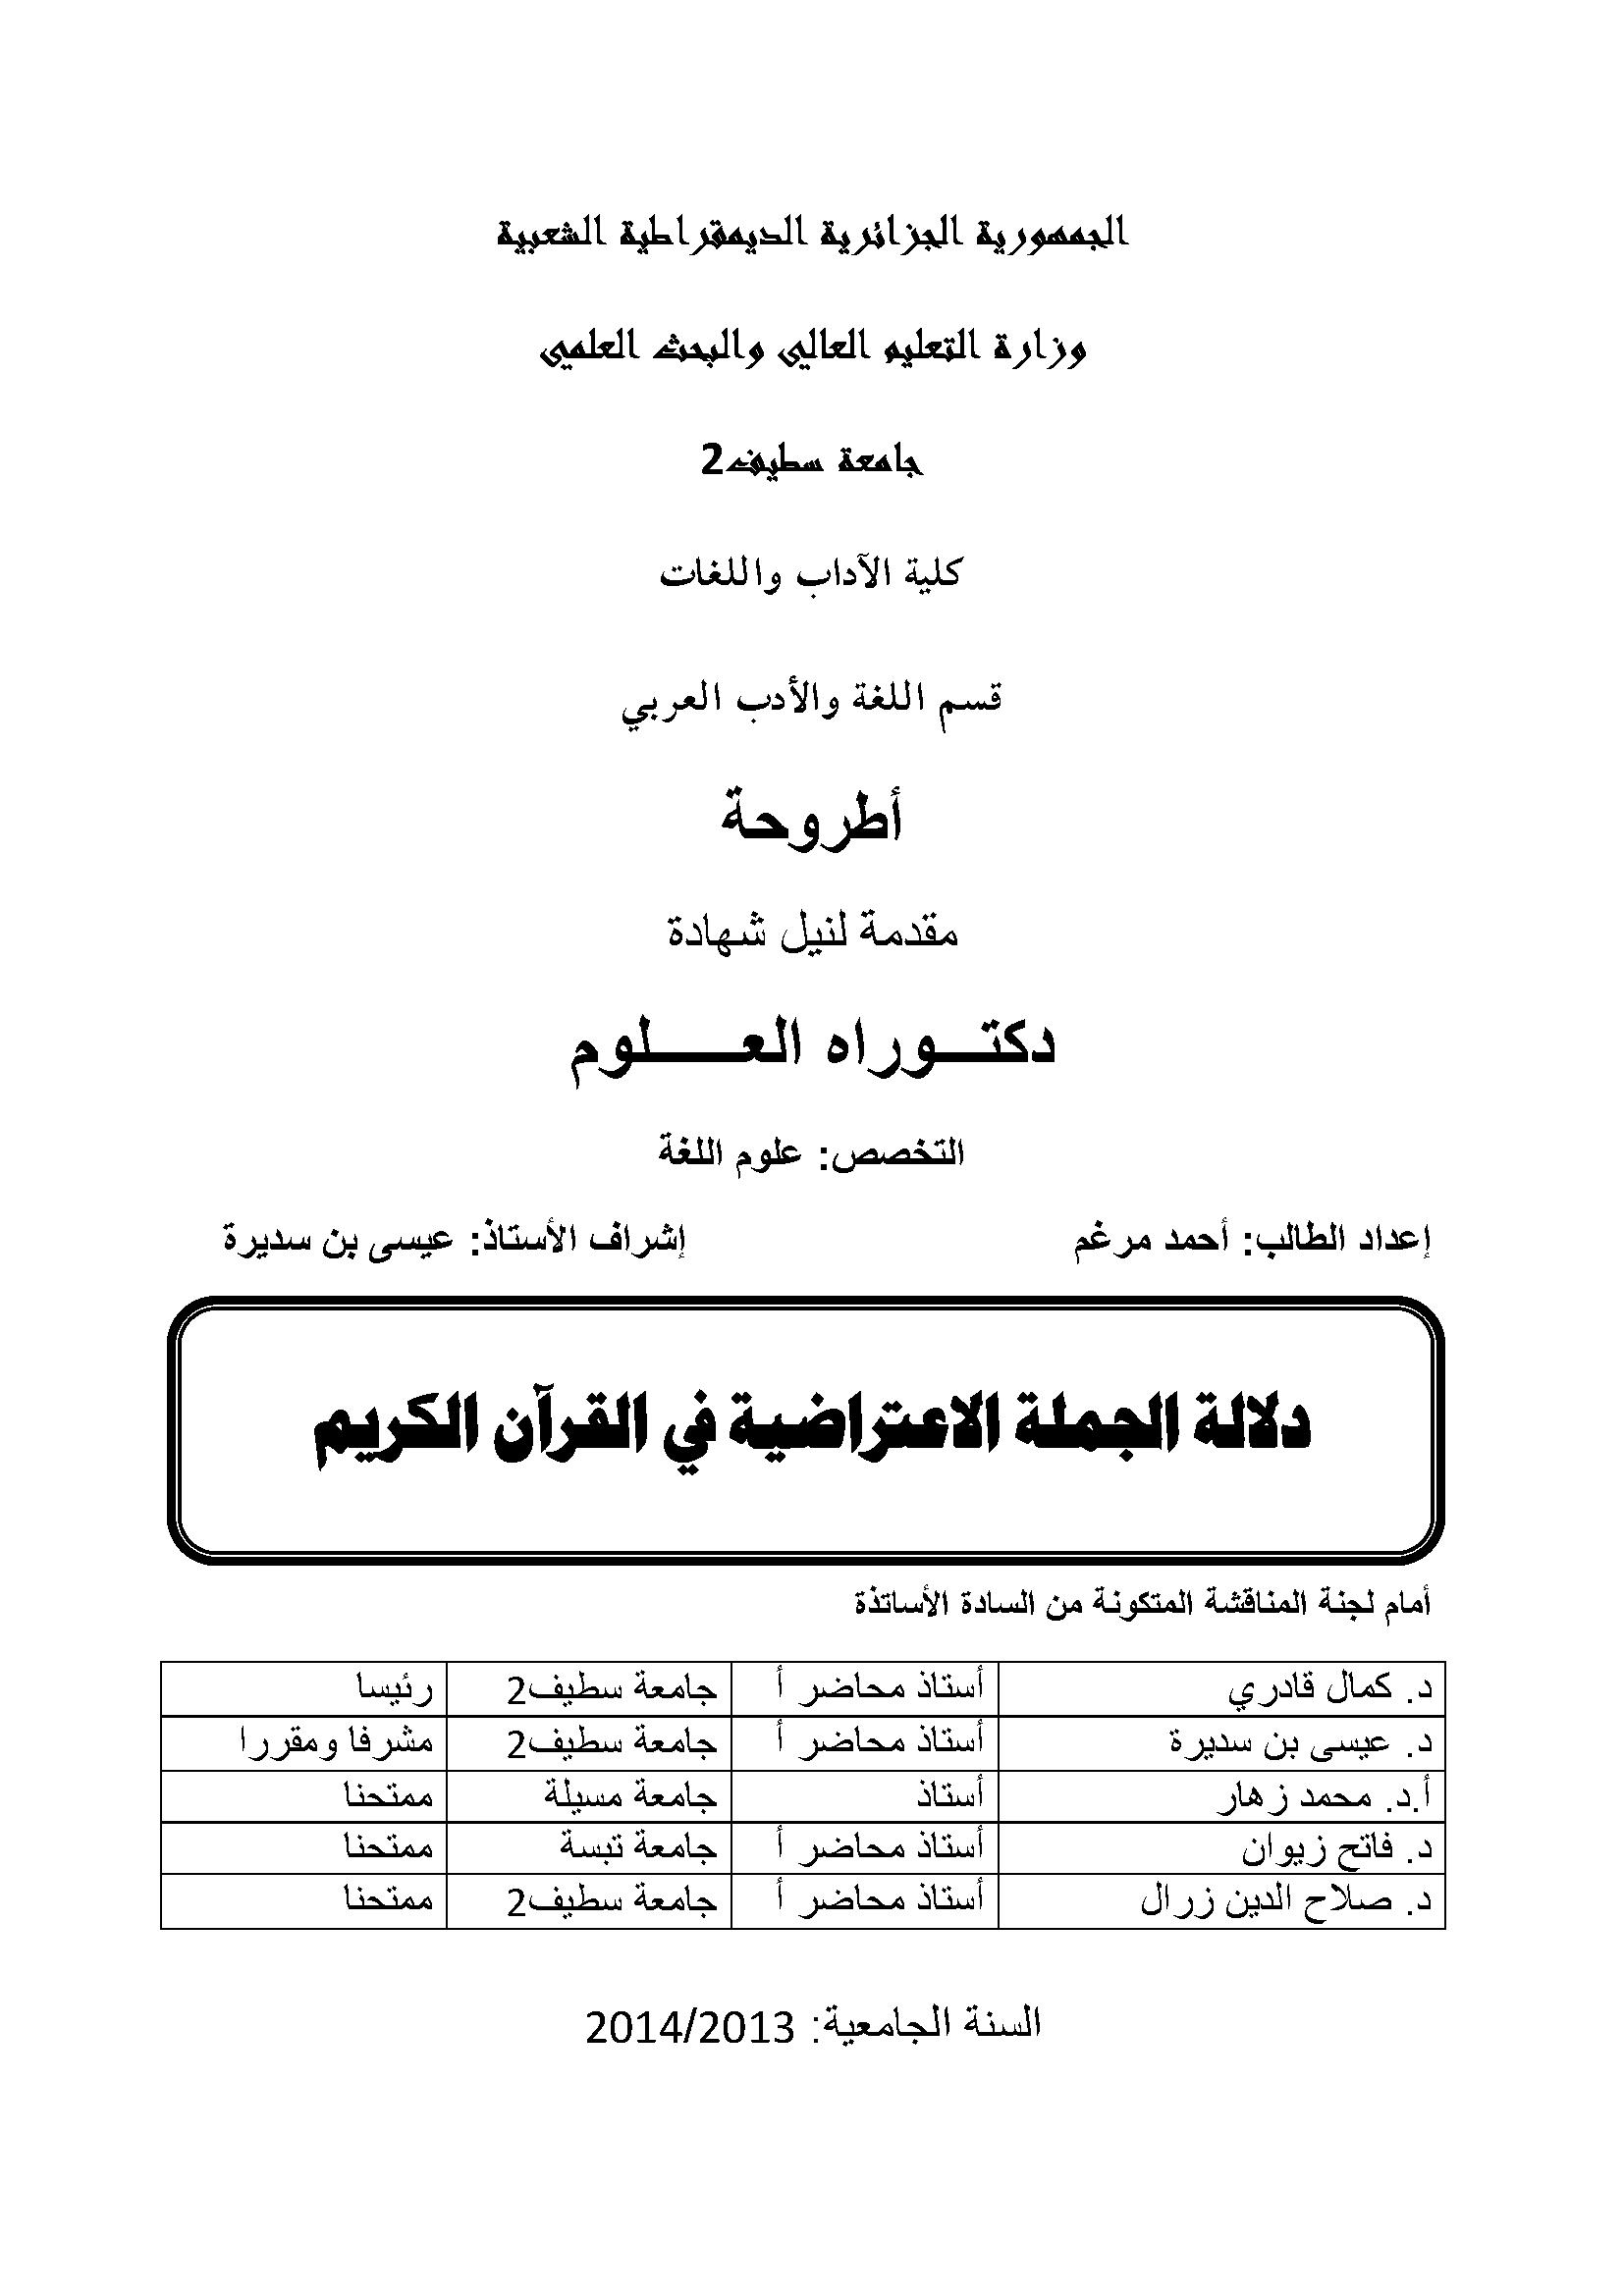 دلالة الجملة الاعتراضية في القرآن الكريم - أحمد مرغم